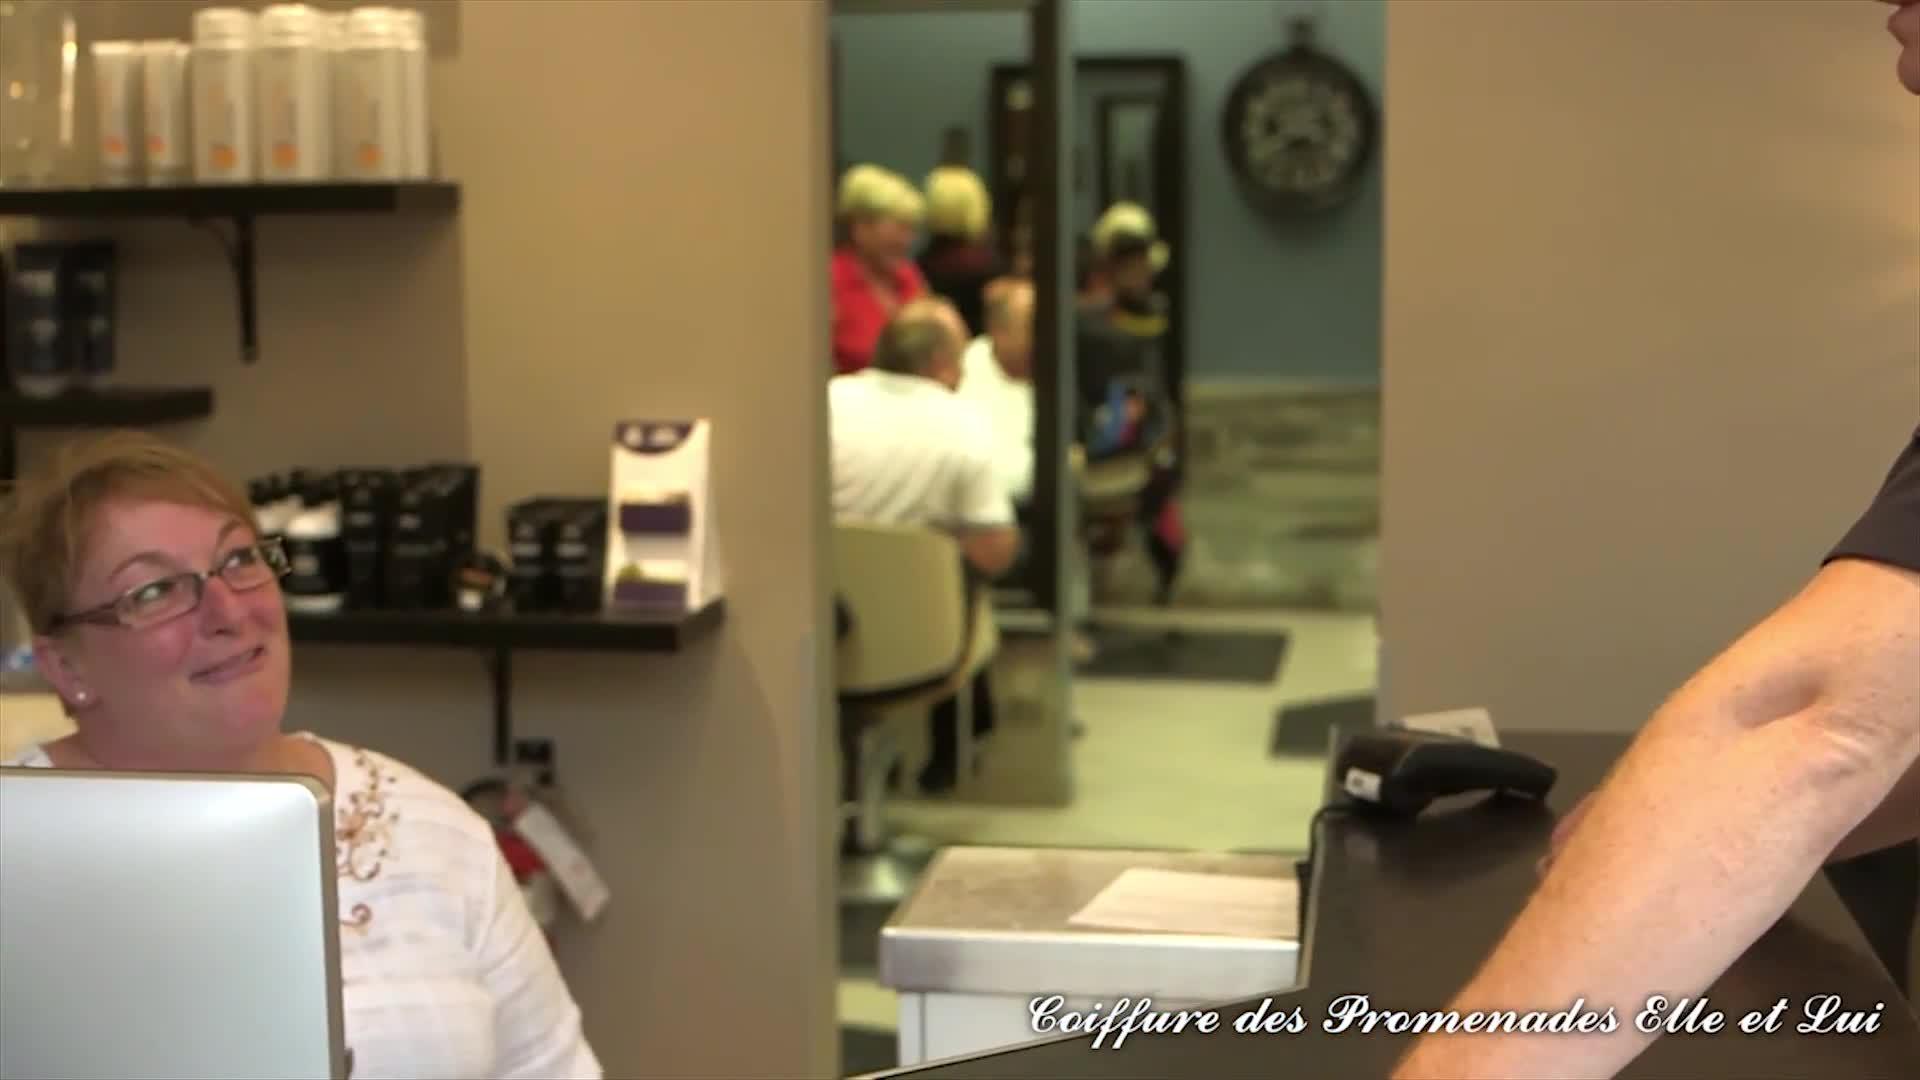 Coiffure des Promenades Elle et Lui - Salons de coiffure et de beauté - 8195612727